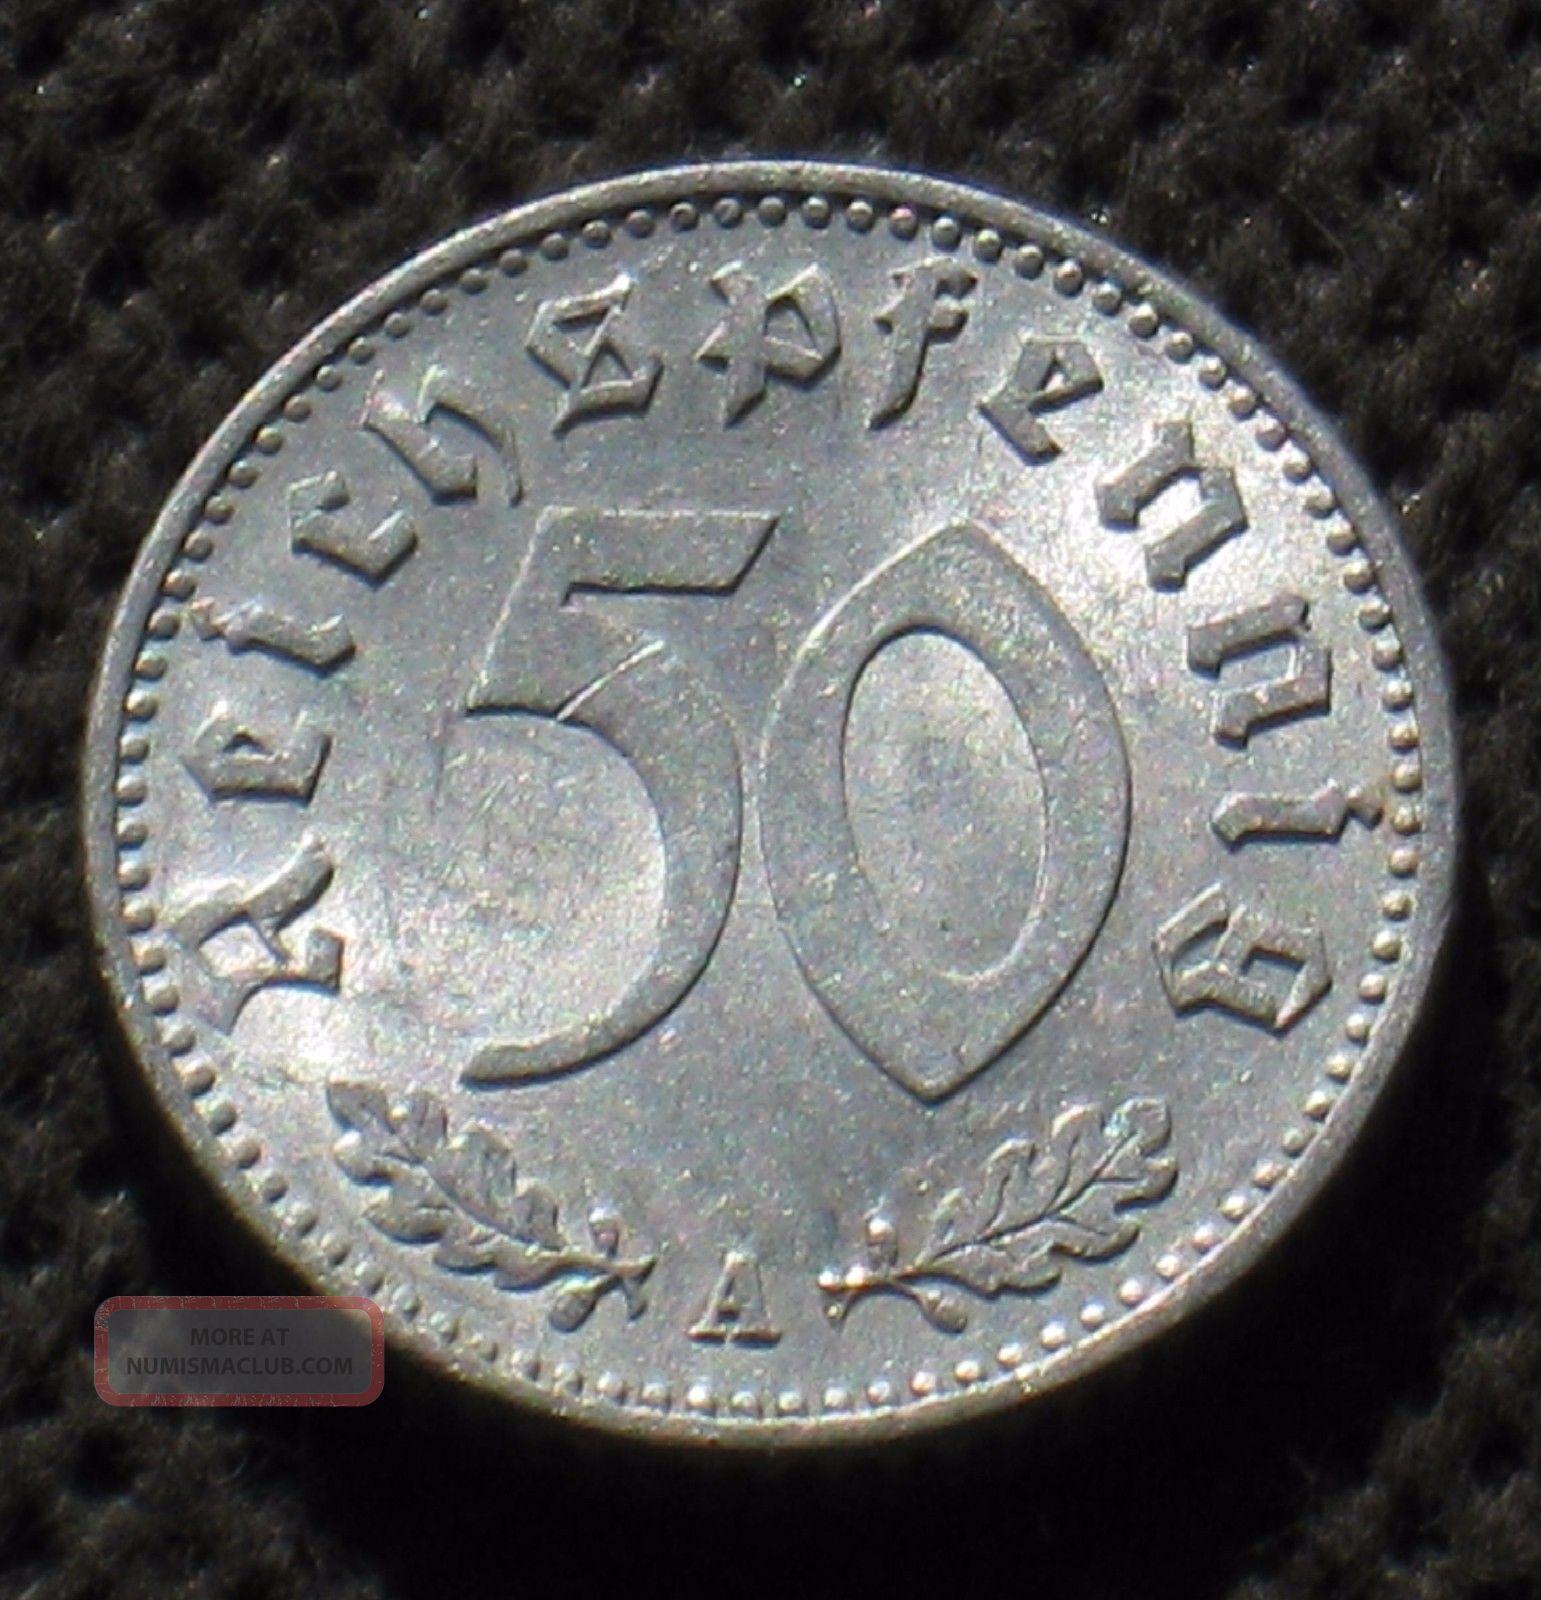 Old Coin Of Nazi Germany 50 Reichspfennig 1935 A Berlin (third Reich) - (1) Third Reich (1933-45) photo